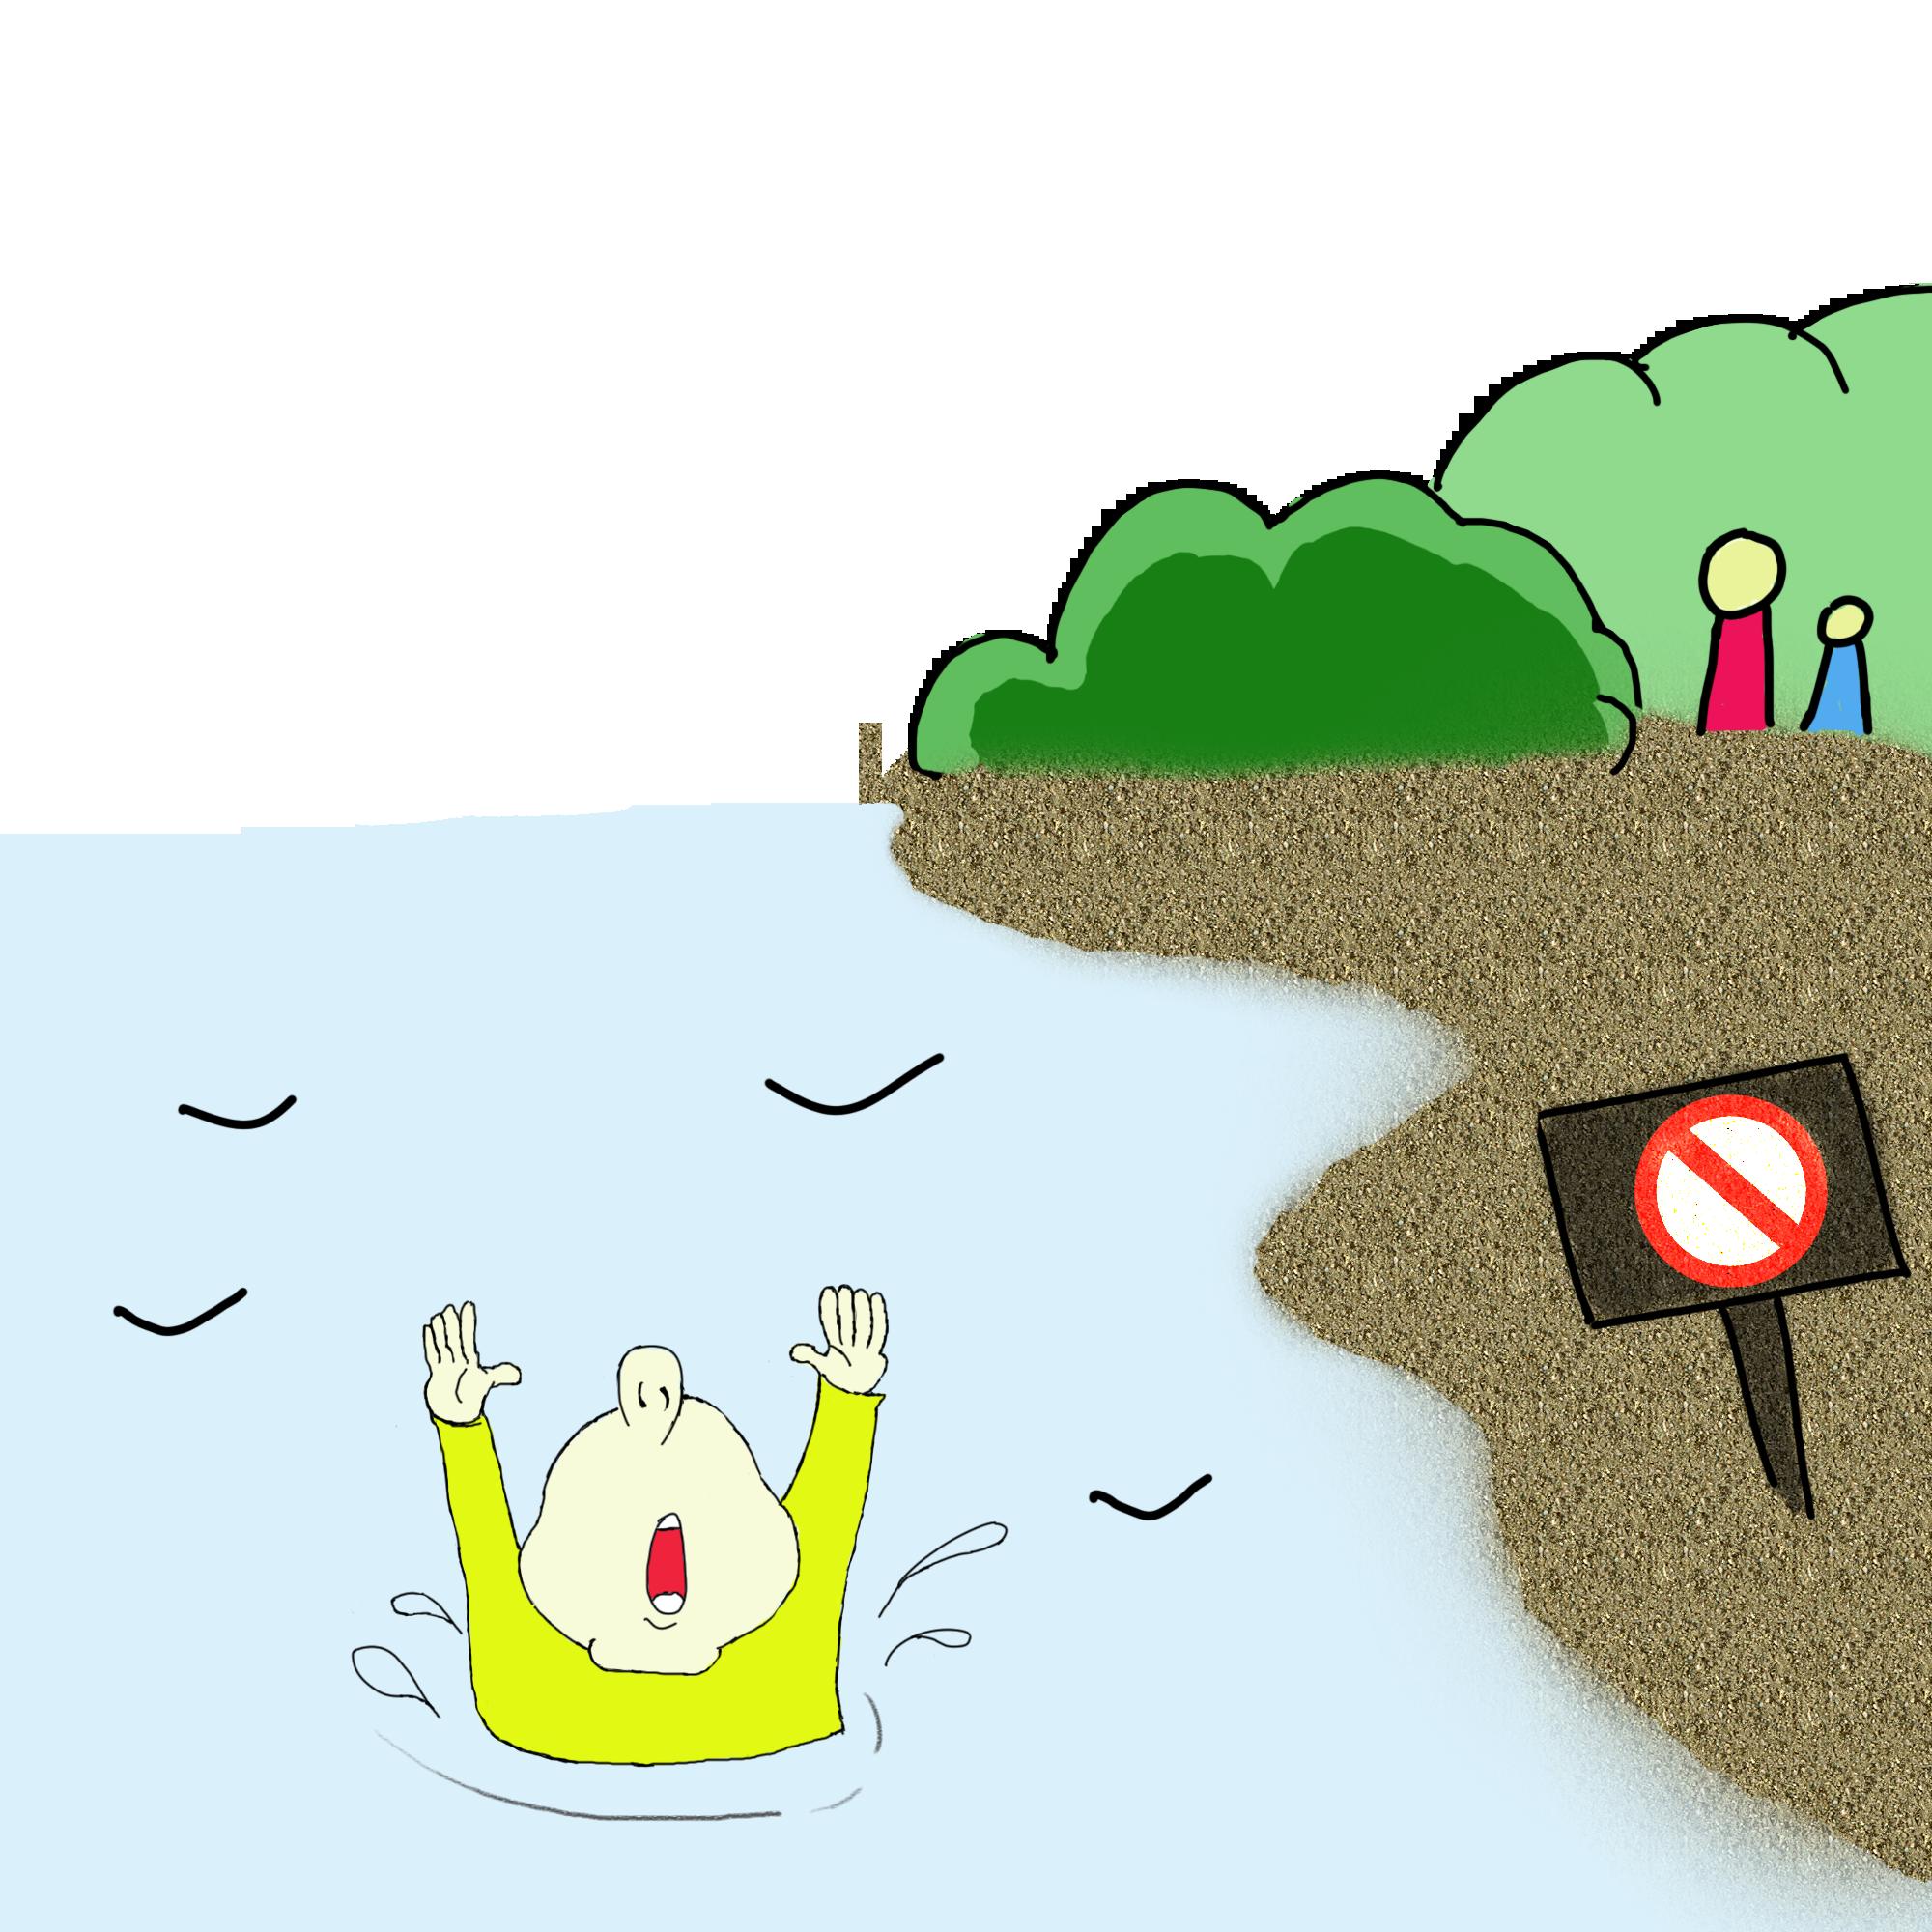 预防溺水教育系列